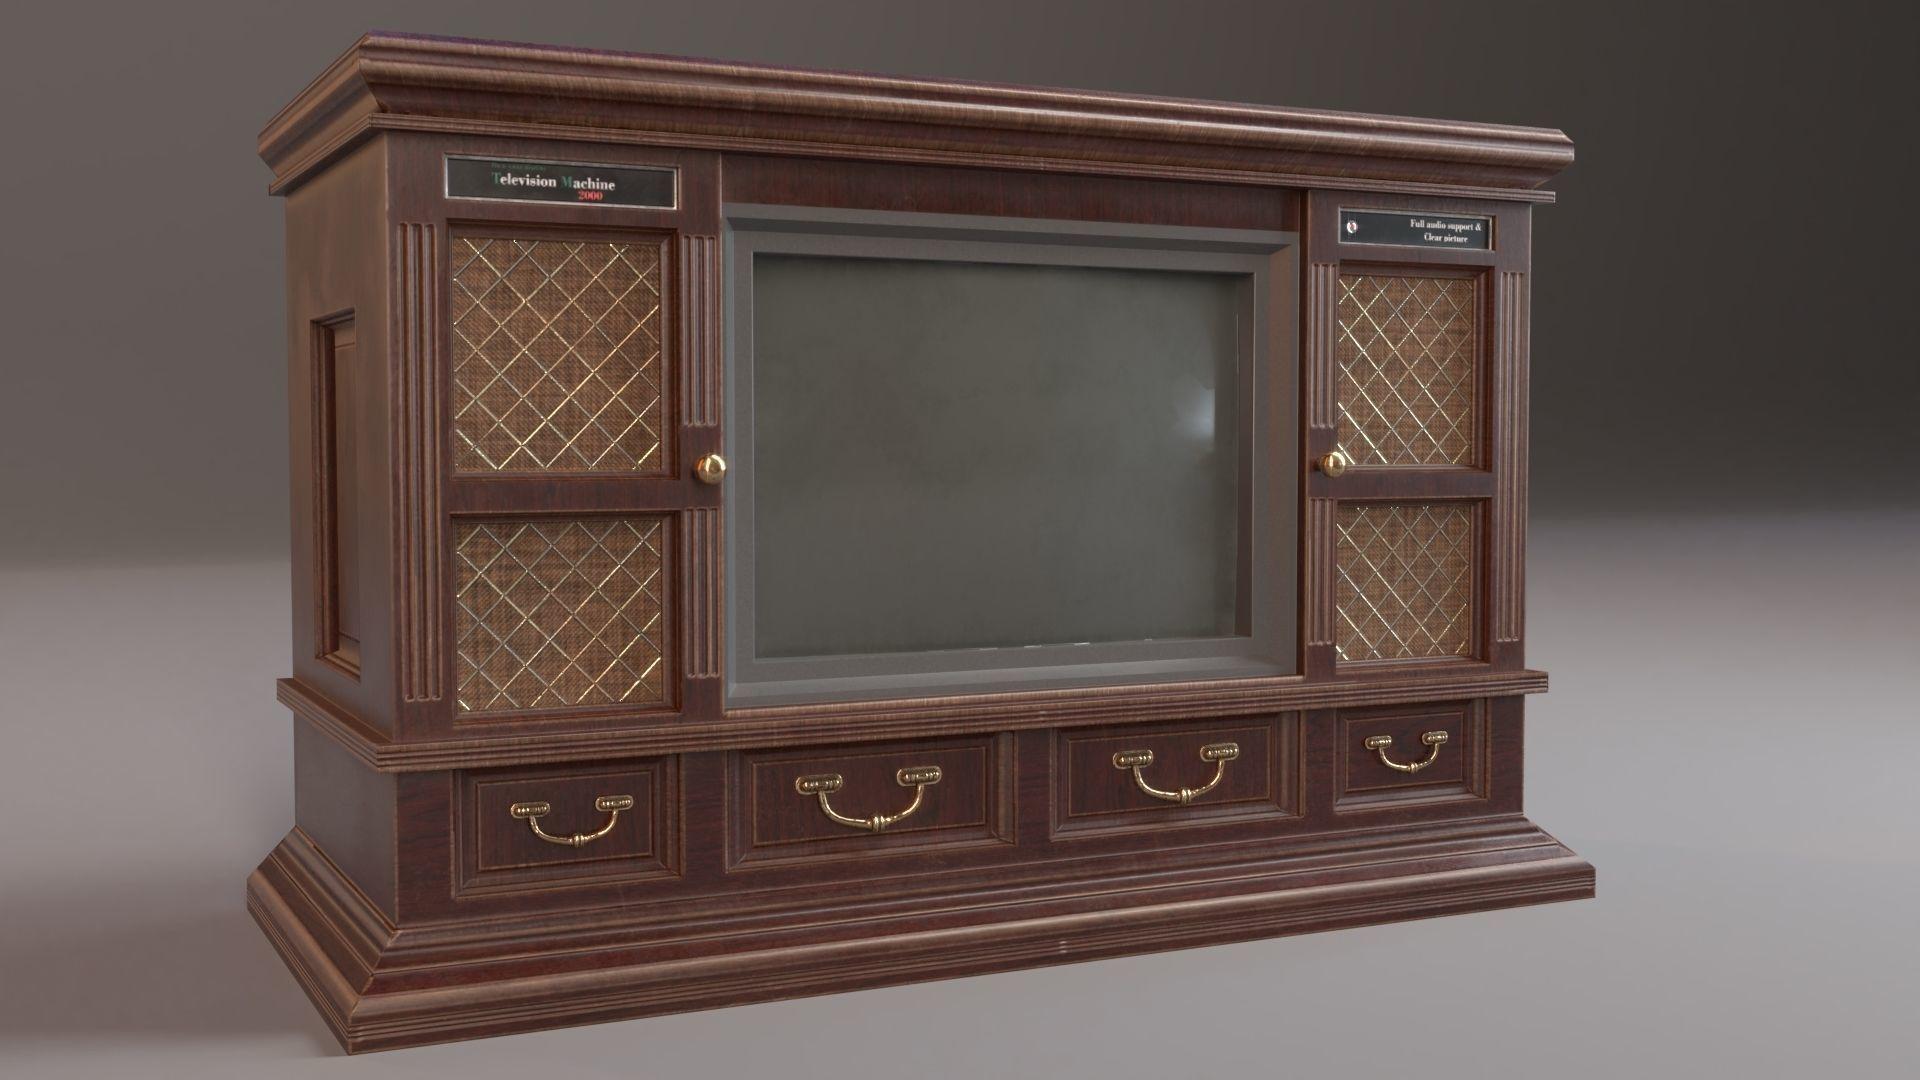 hot sale online b5ede cf5c5 PBR Vintage TV Cabinet | 3D model